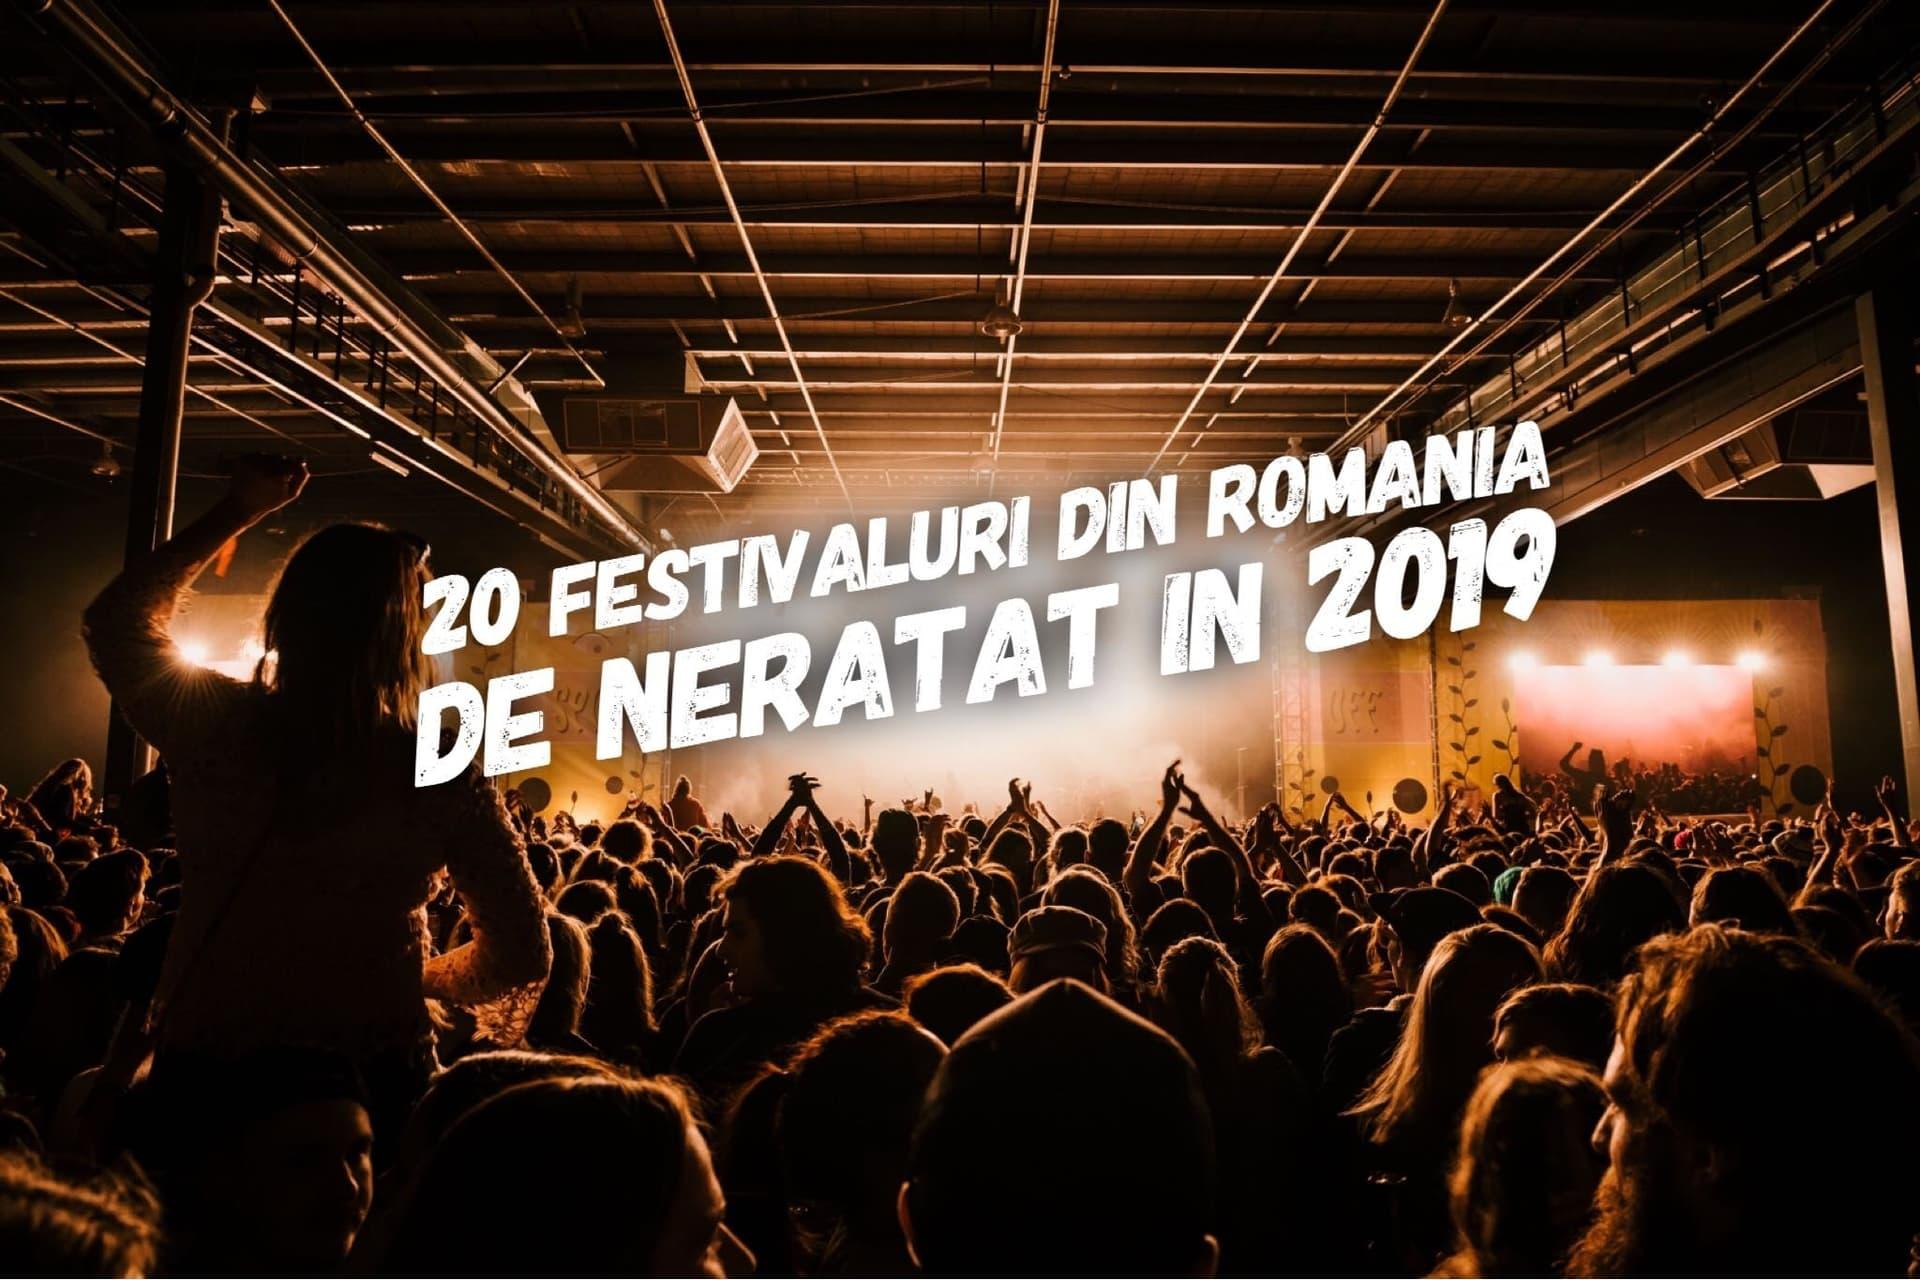 20 festivaluri din România pe care să nu le ratezi în 2019